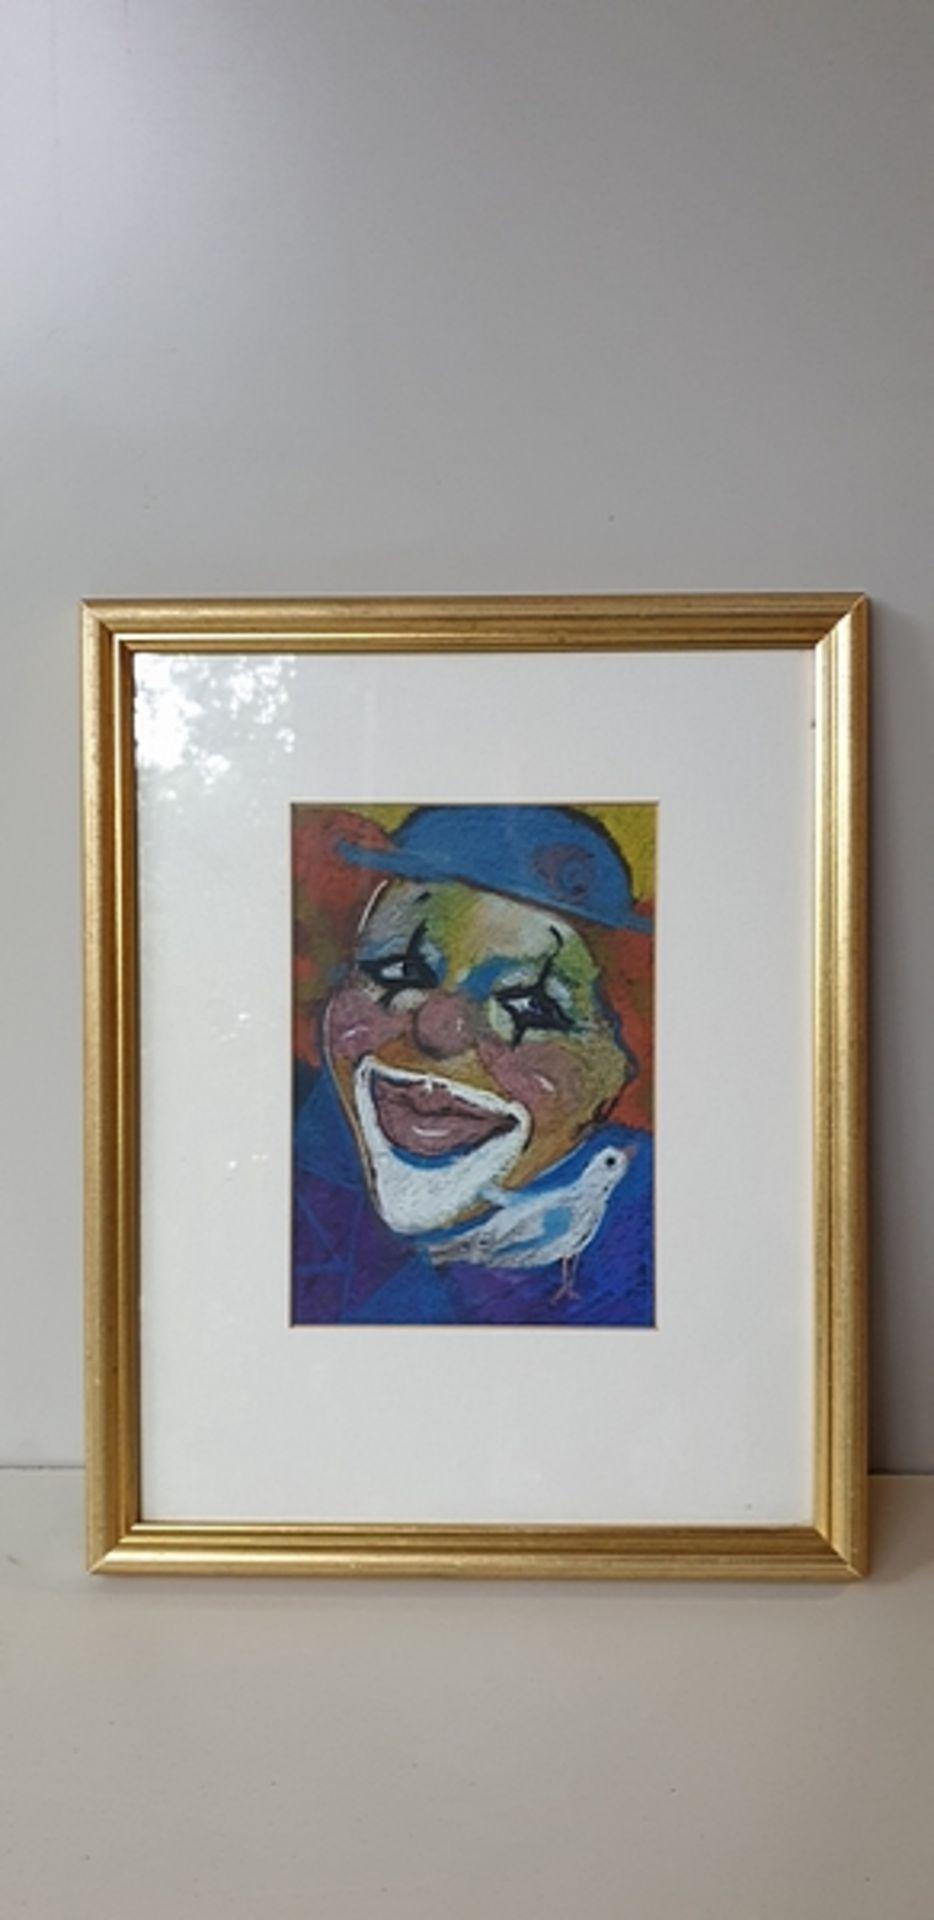 Lot 275 - Framed Drawing Prague Clown